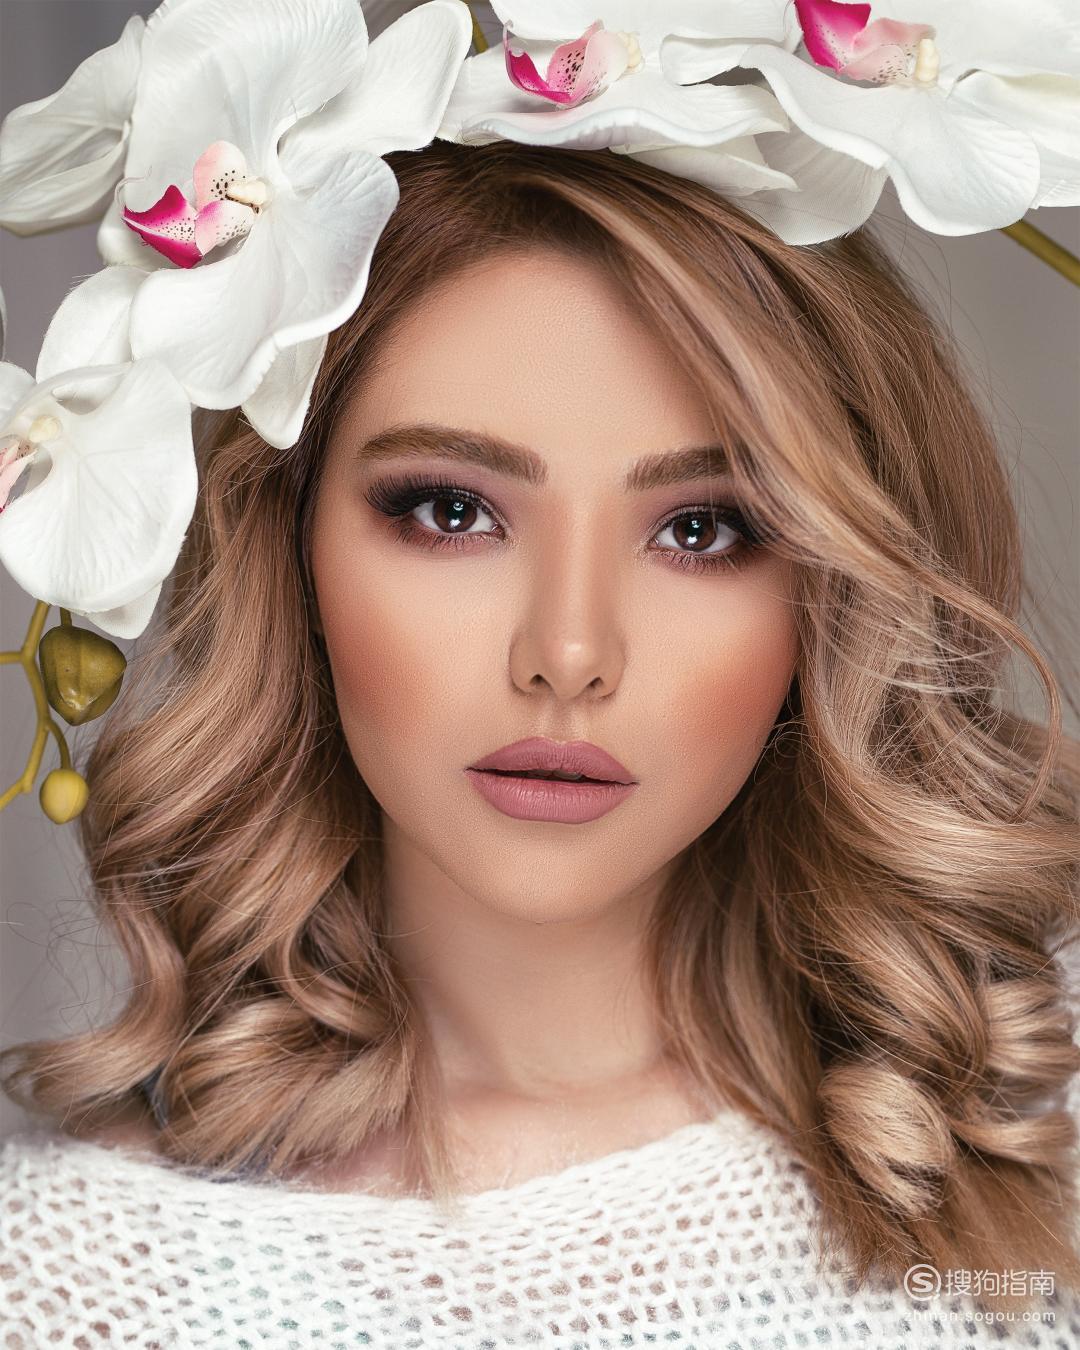 敏感肌护肤品排行榜 适合敏感肌的化妆品推荐